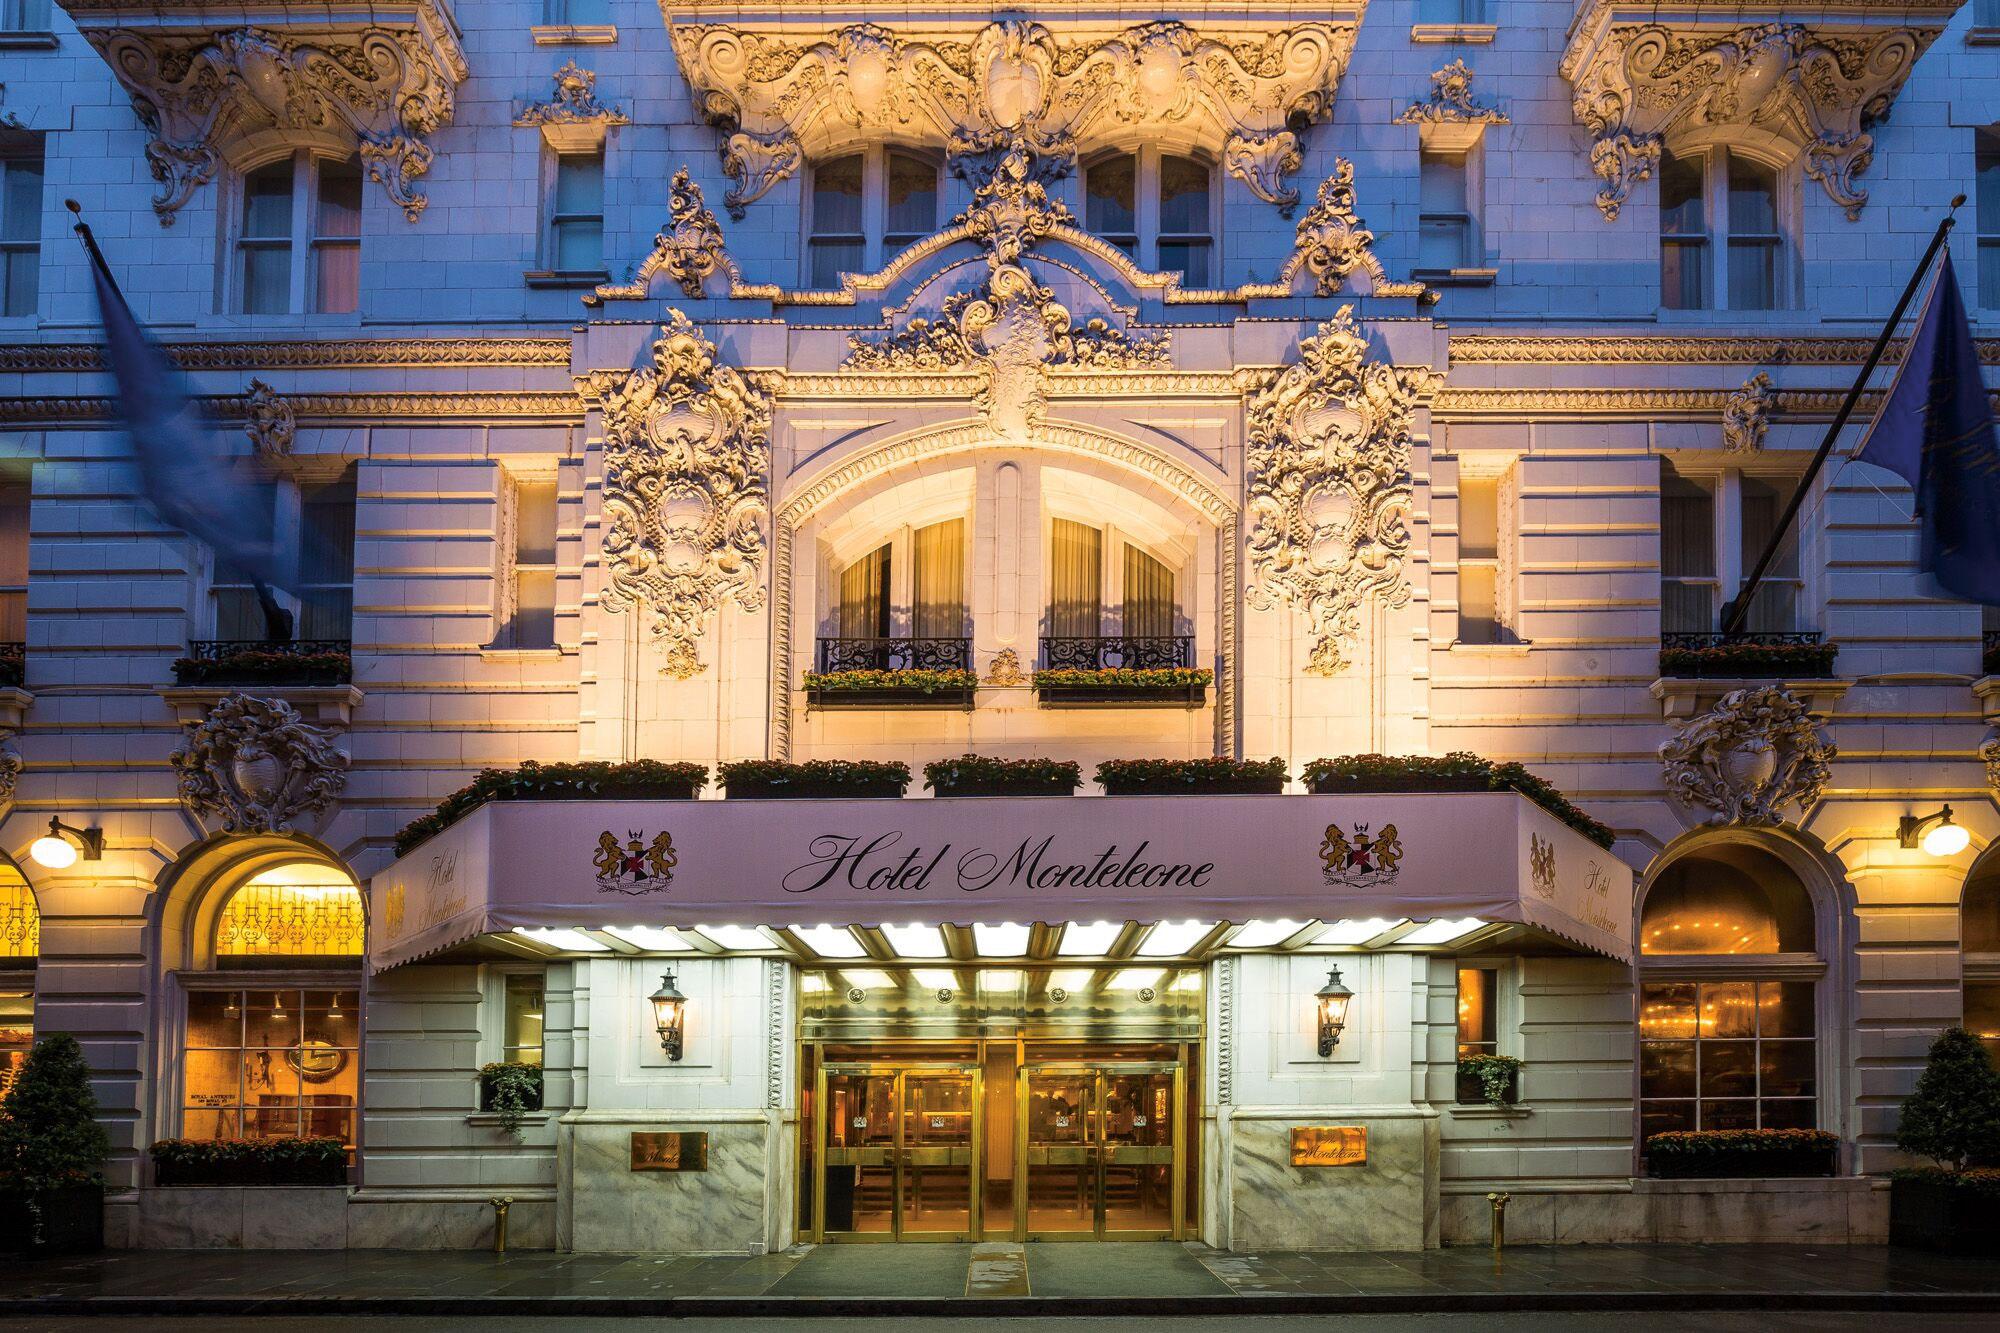 Hotel Monteleone New Orleans Transat